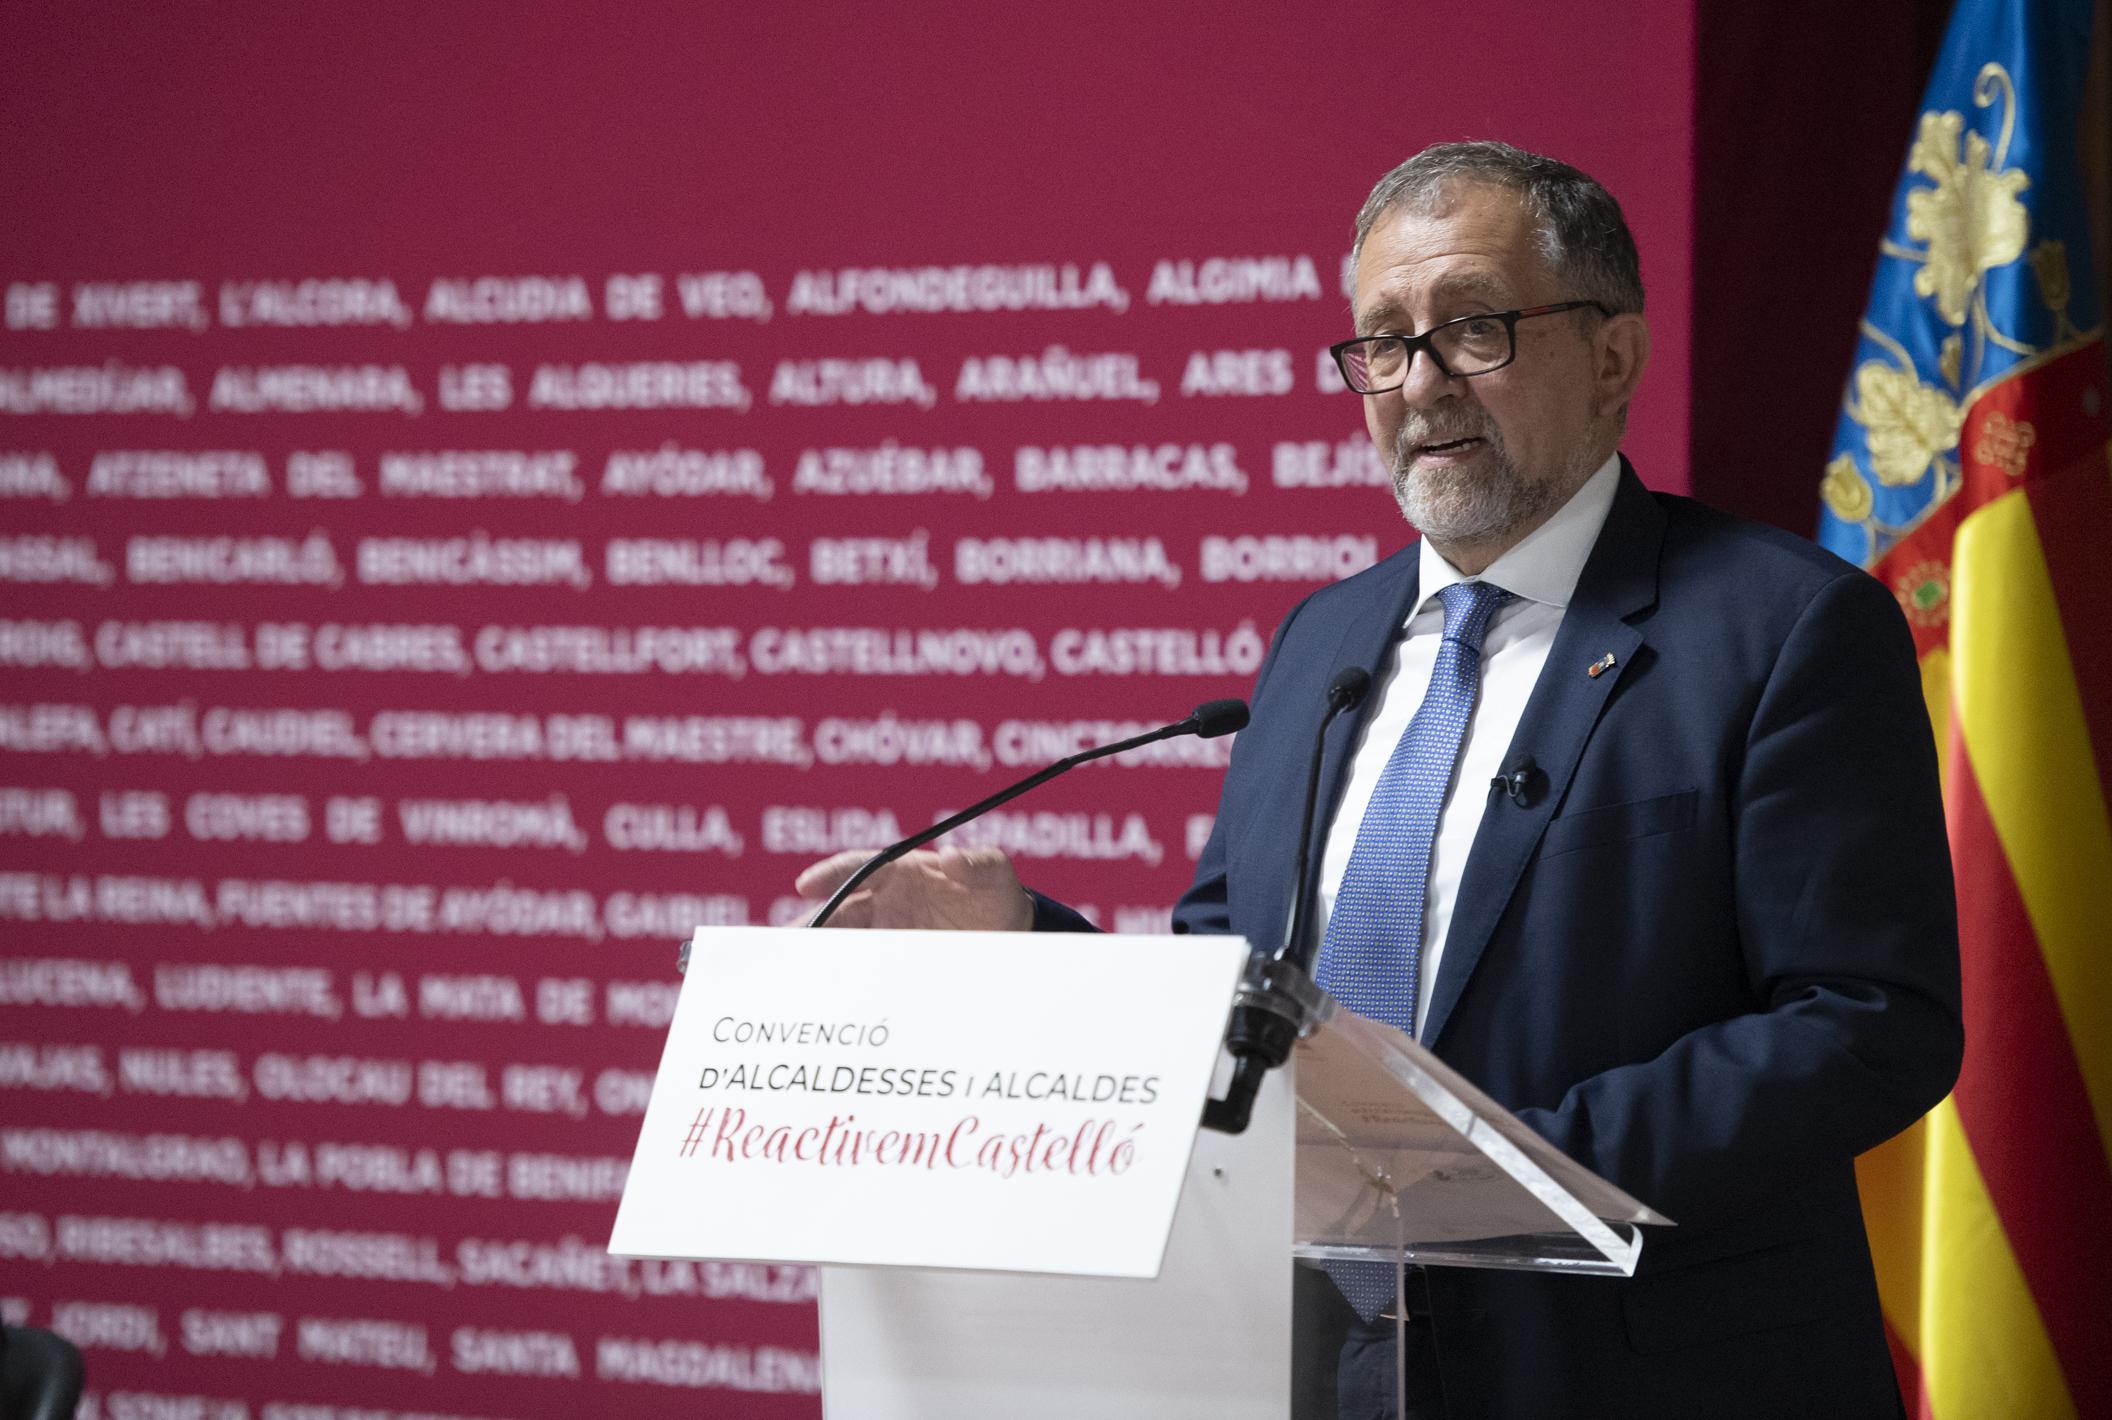 La Diputación de Castellón se alía con la UJI y financia con 25.000 euros el Observatorio Provincial del Clima